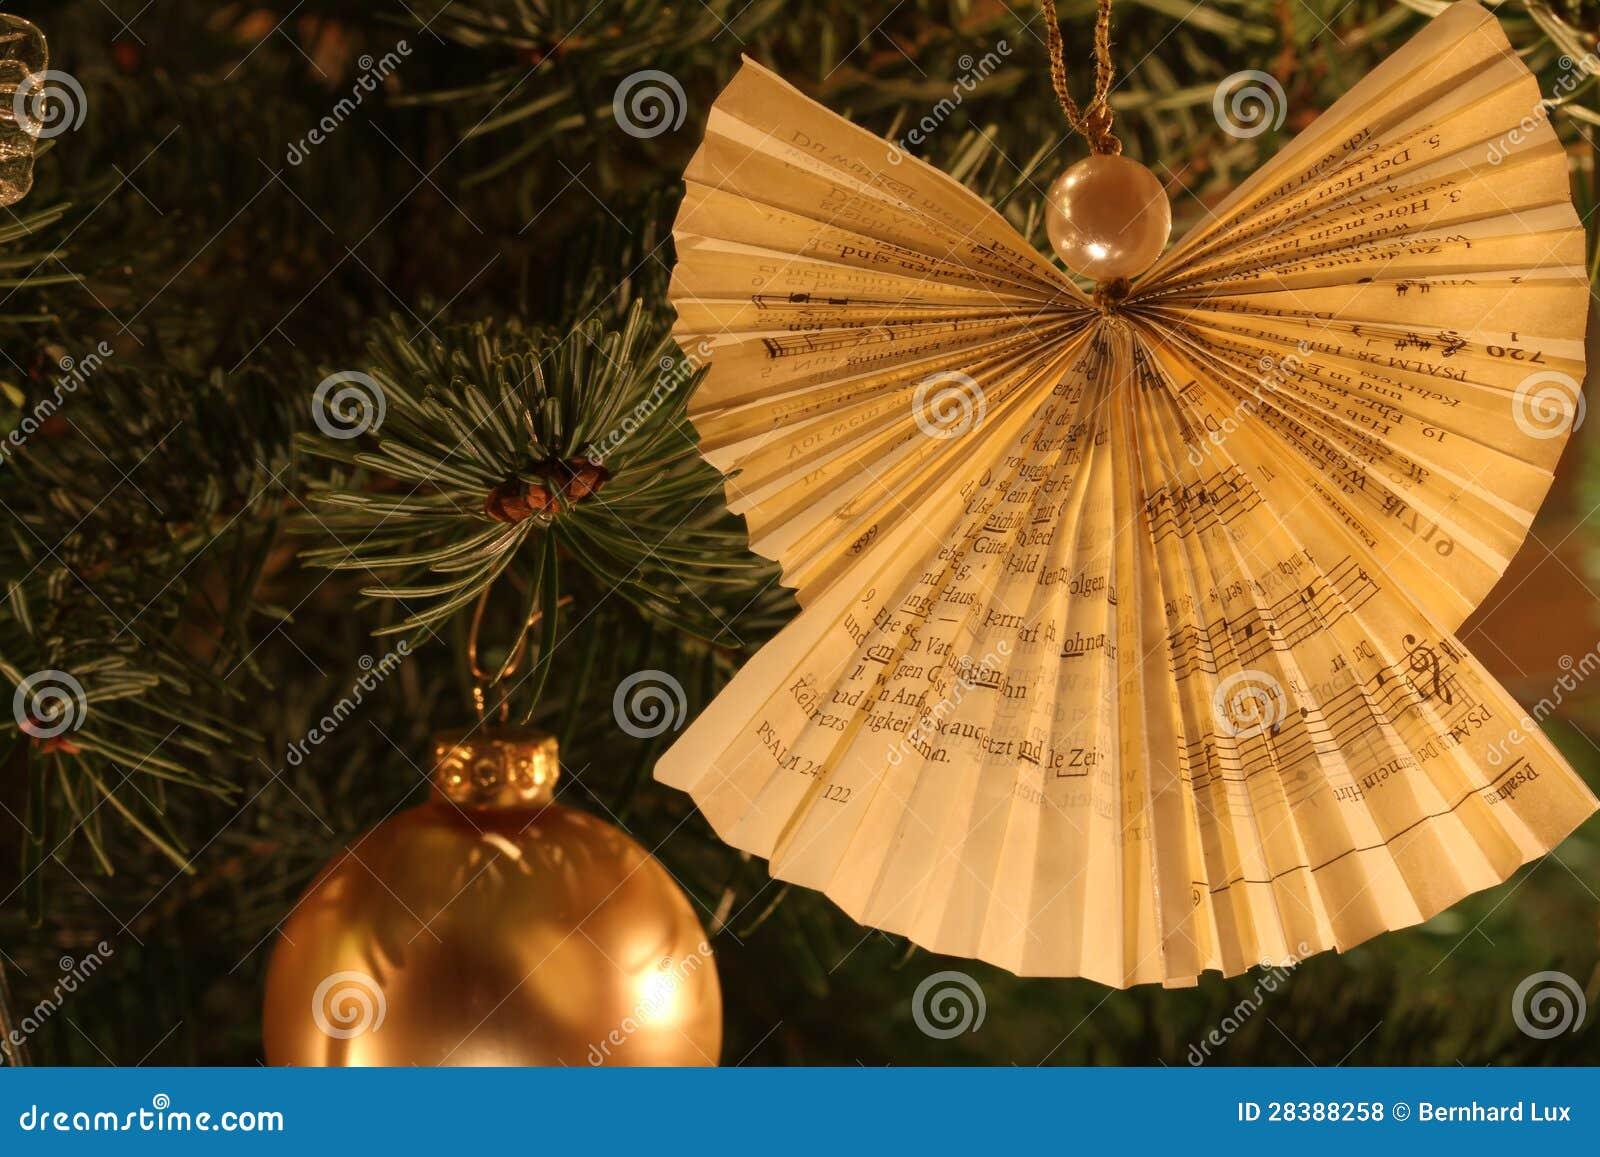 De decoratie van de engel van de kerstboom stock foto afbeelding 28388258 - Decoratie van de villas ...